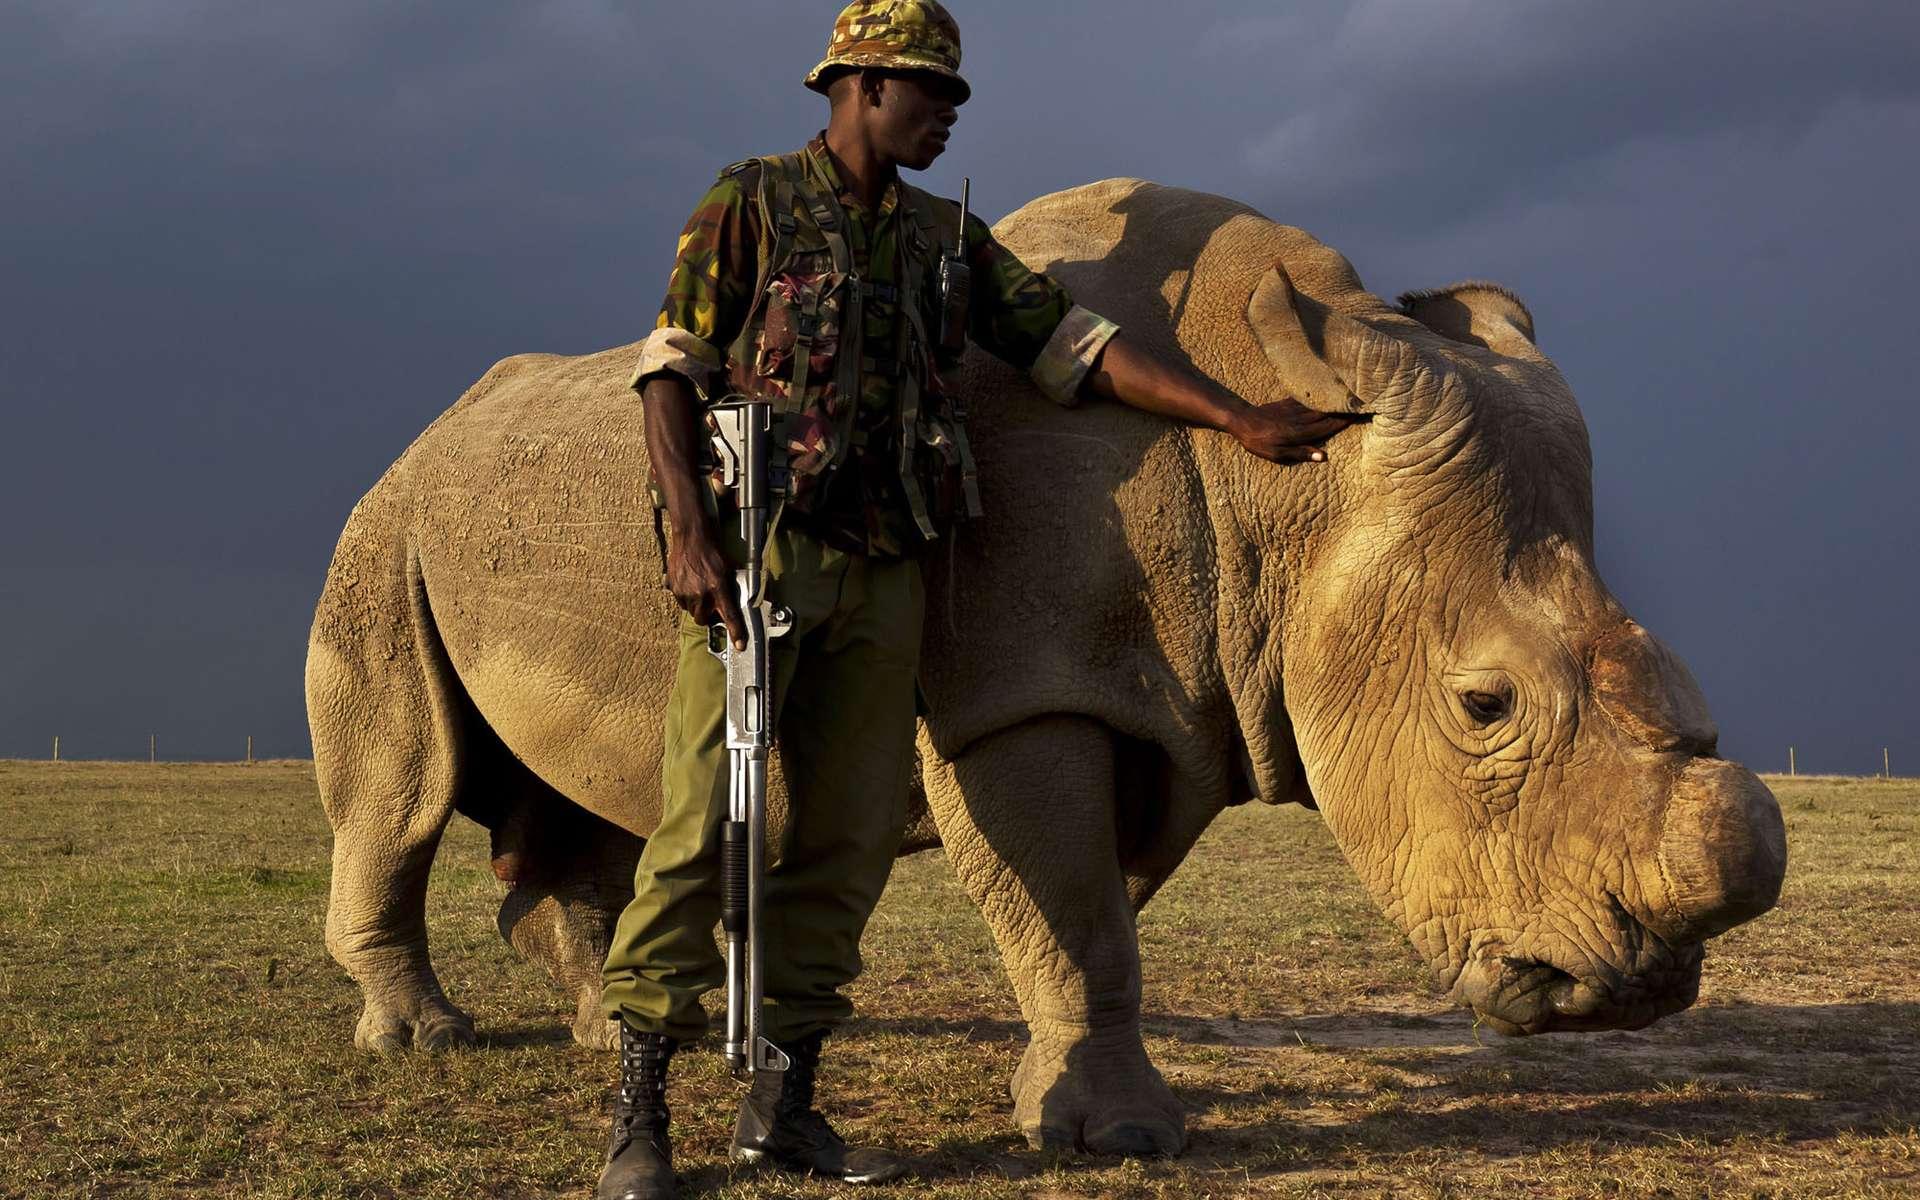 Depuis 2009, Sudan vit dans la réserve kenyane d'Ol Pejeta. Étant dès lors l'un des derniers rhinocéros blancs du Nord de la planète, il est constamment ou presque surveillé par des militaires. © Brent Stirton, National Geographic